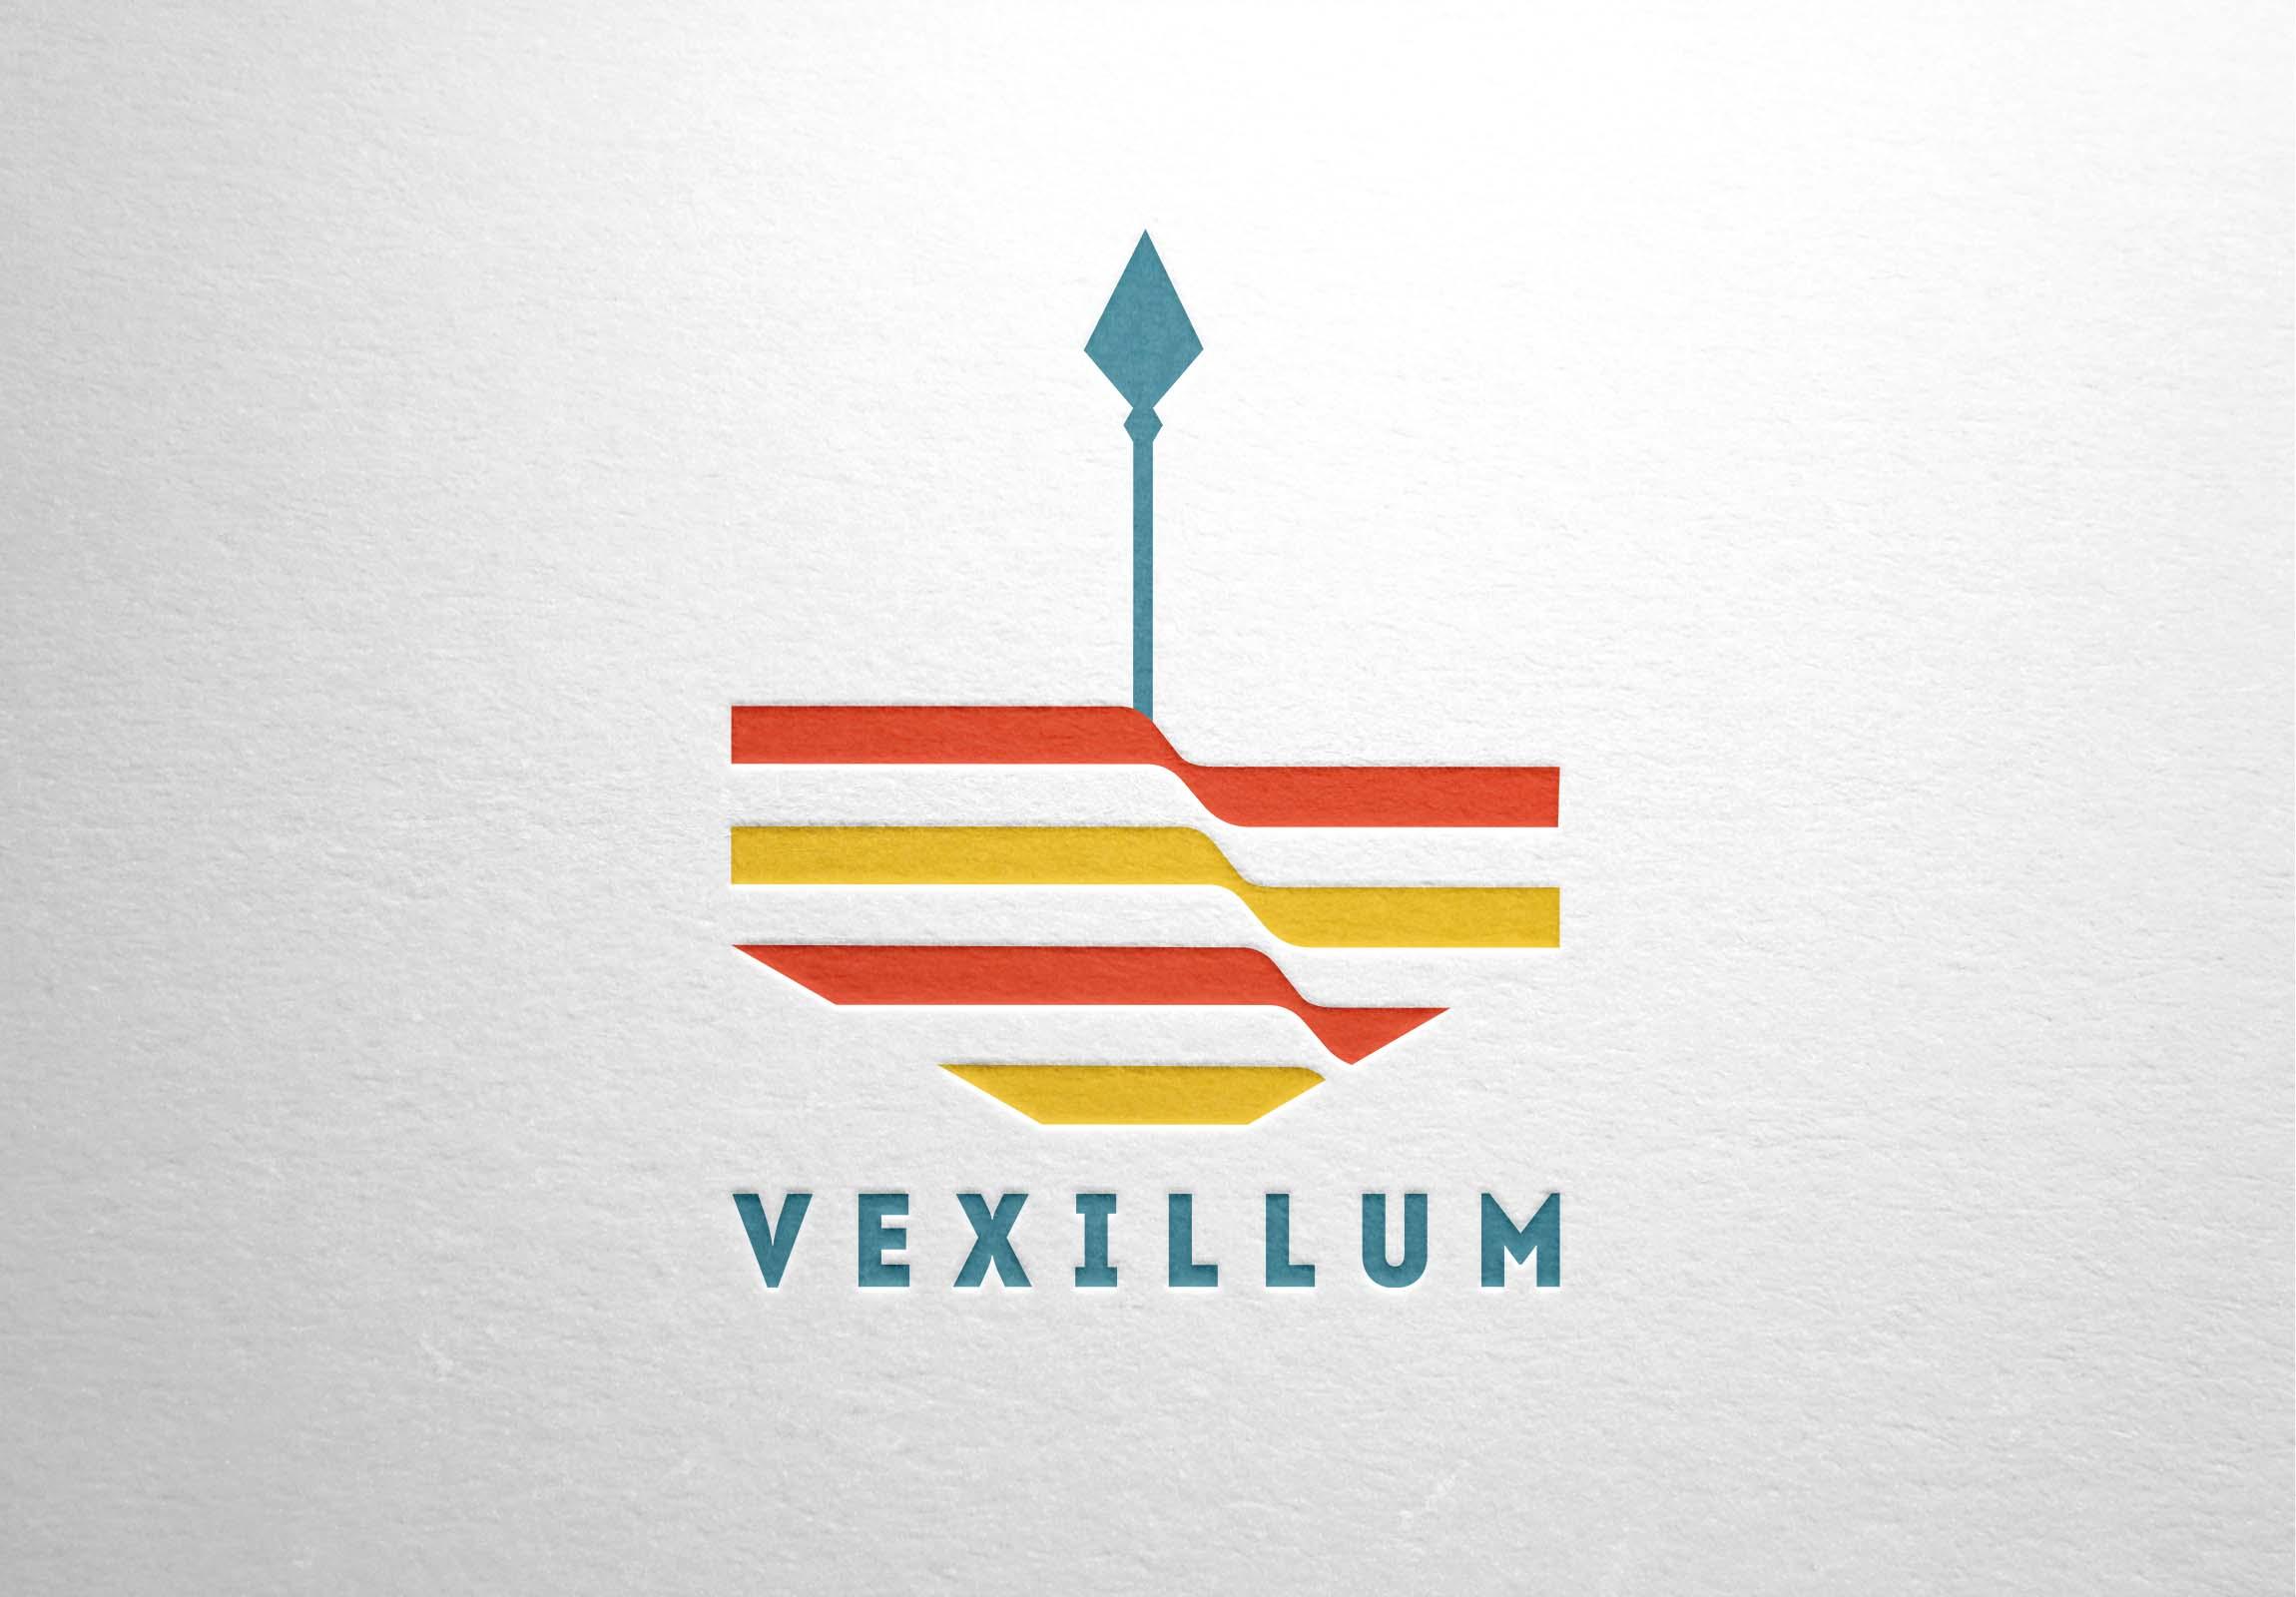 Разработка названия бренда + логотип фото f_82958ff29e91931d.jpg